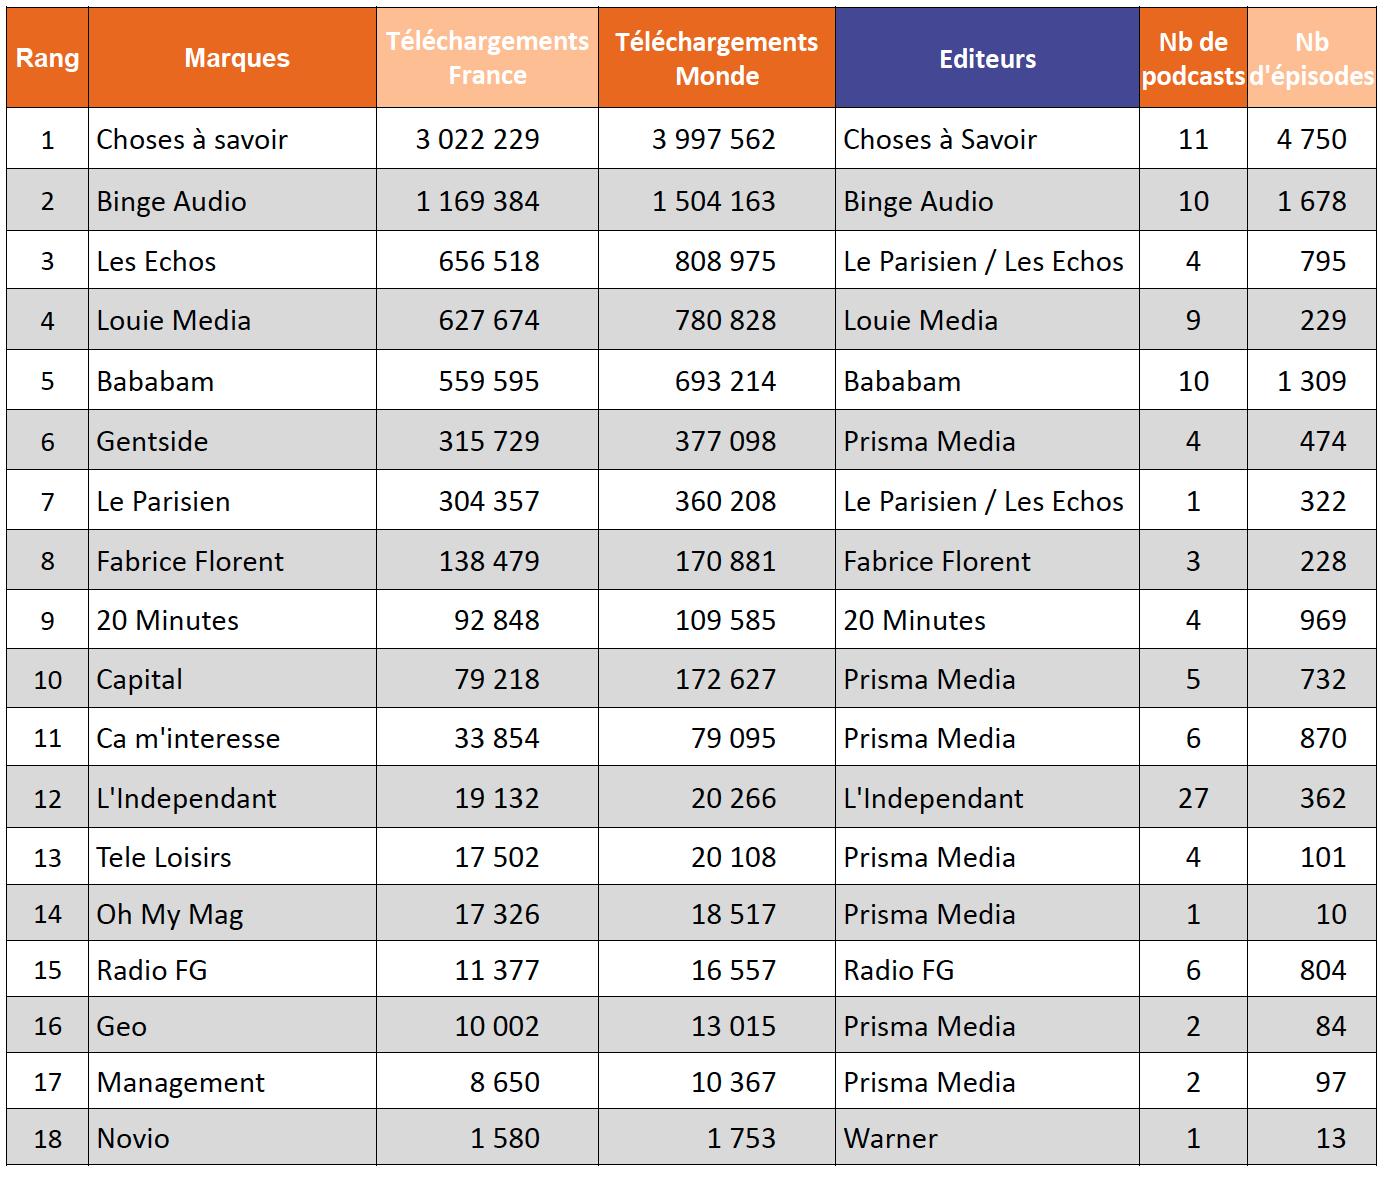 ACPM : le classement des podcasts les plus écoutés